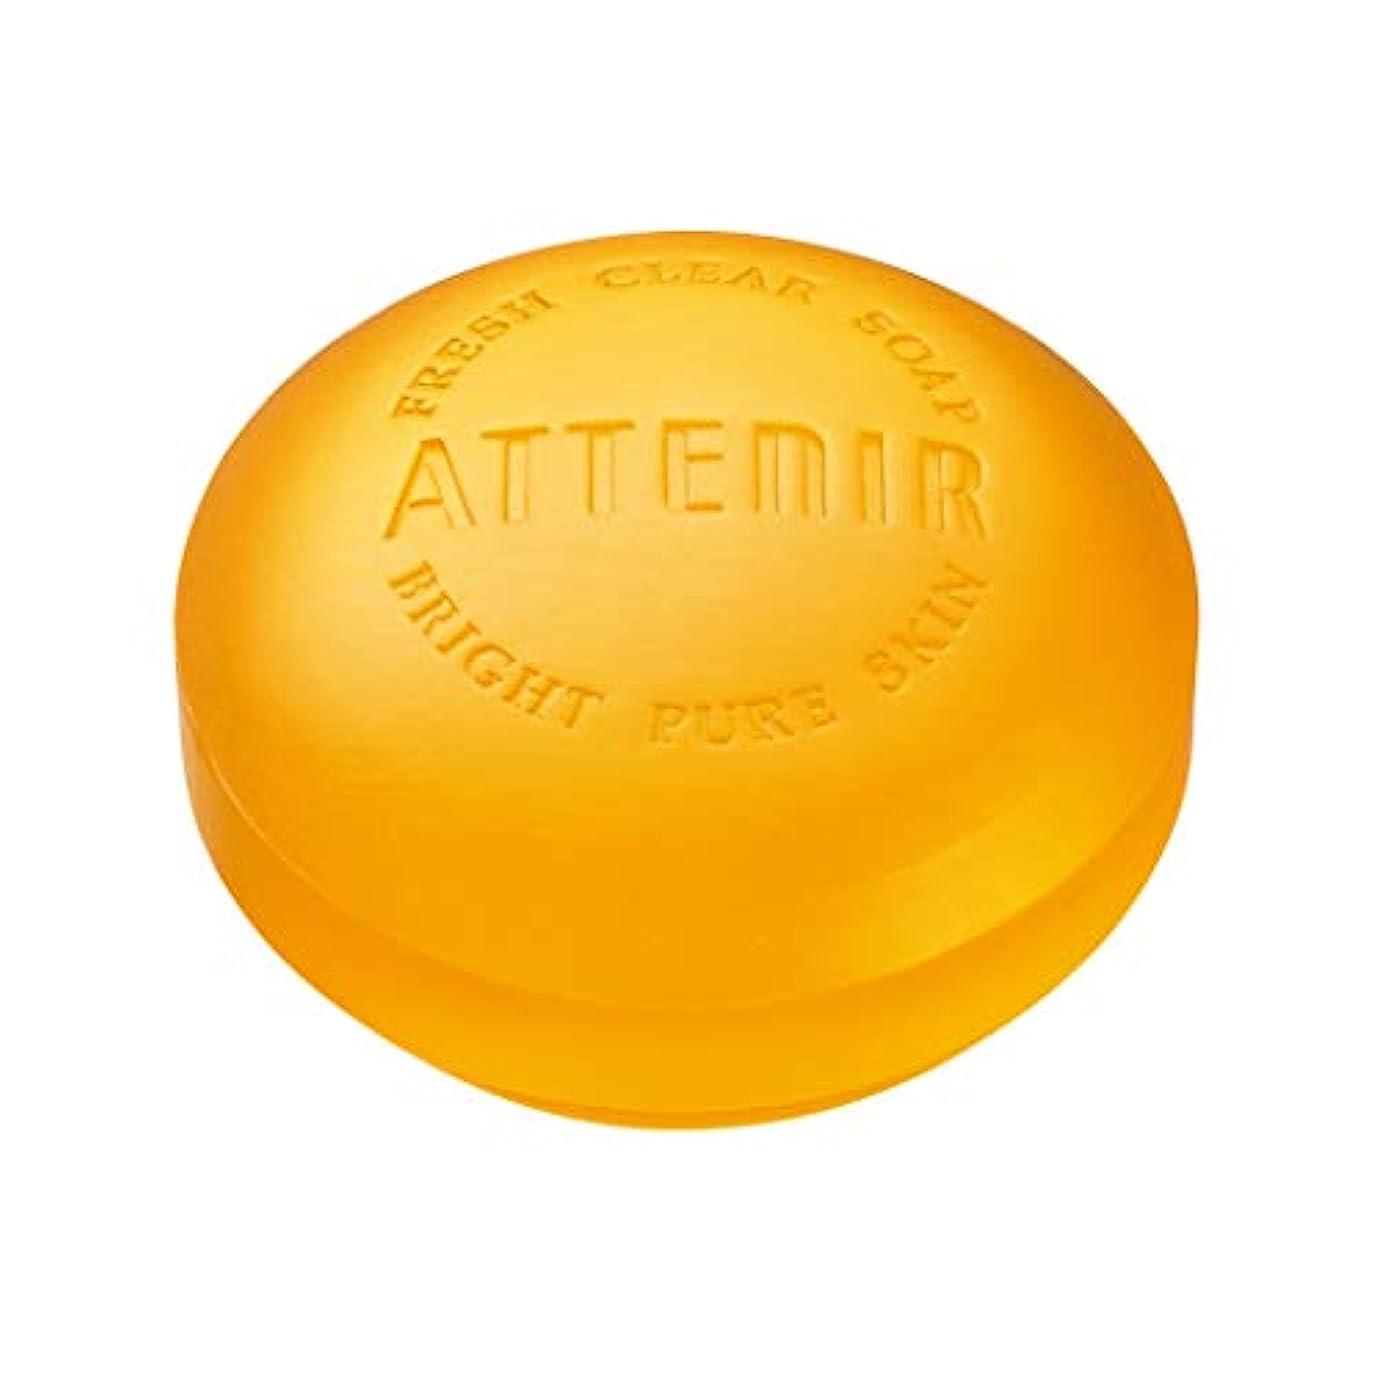 シビック伝染性のつま先アテニア フレッシュクリアソープ ホワイト 石鹸 くすみケア 天然オレンジの香り 100g 洗顔せっけん